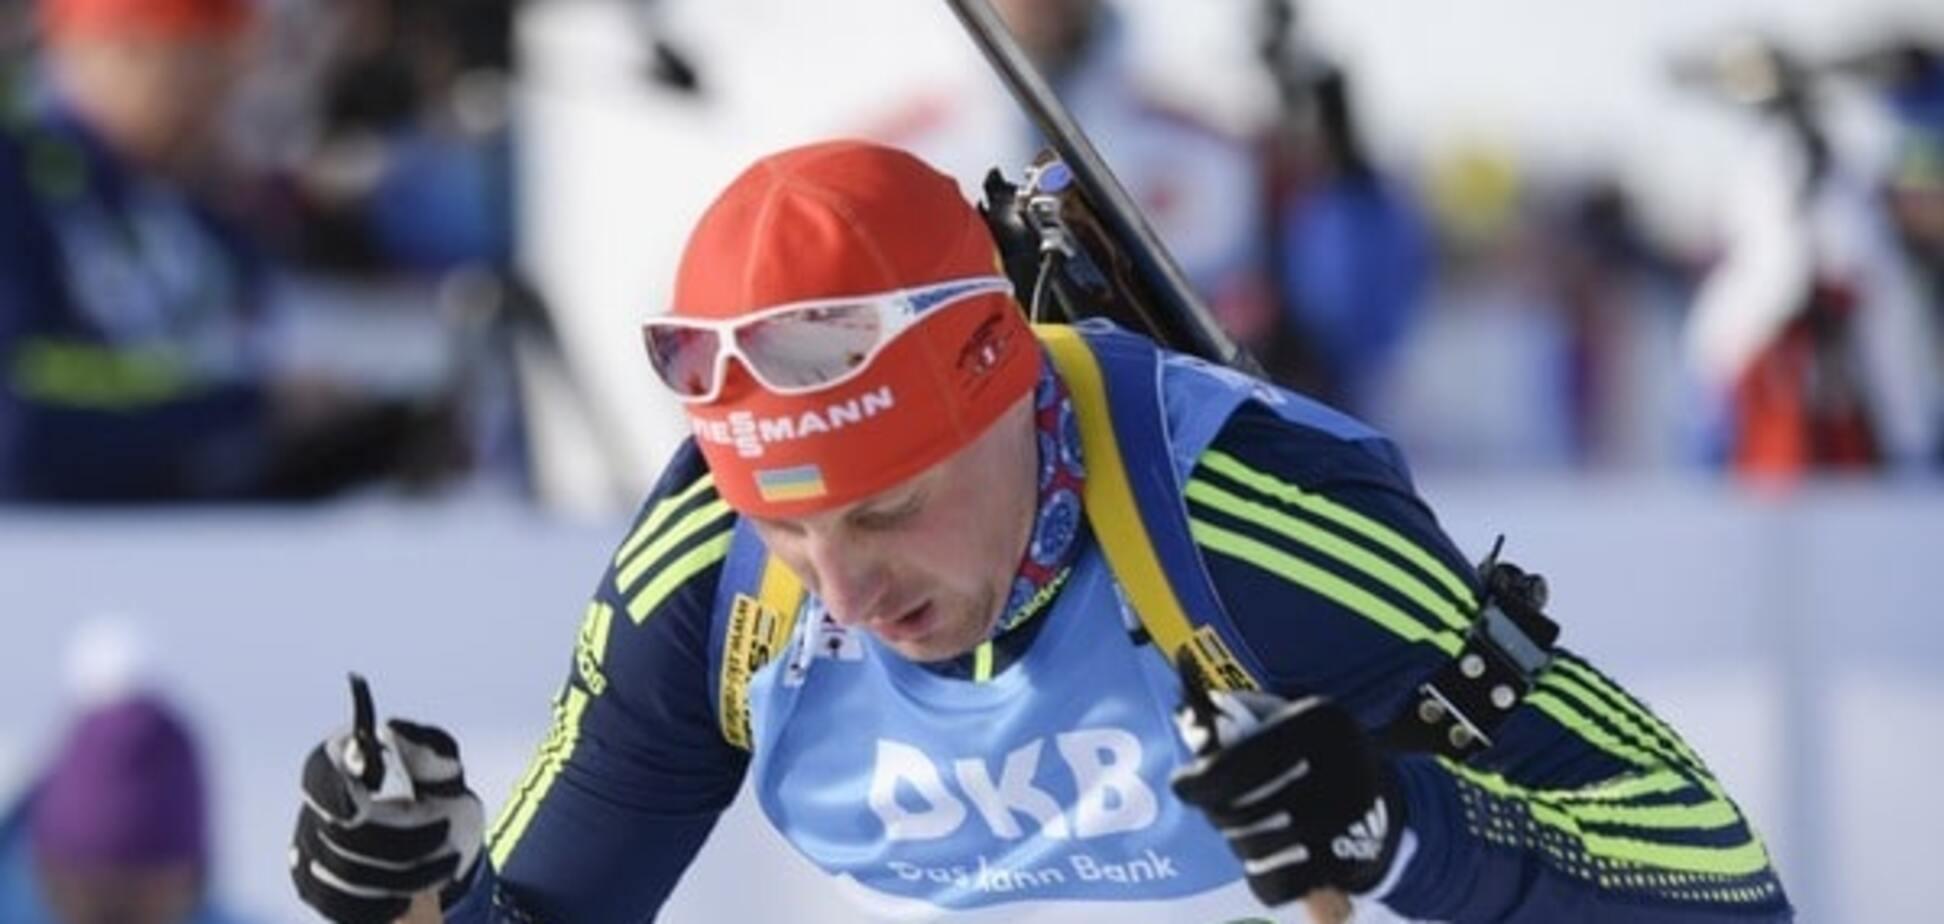 Украина вошла в топ-10 гонки преследования на Кубке мира по биатлону